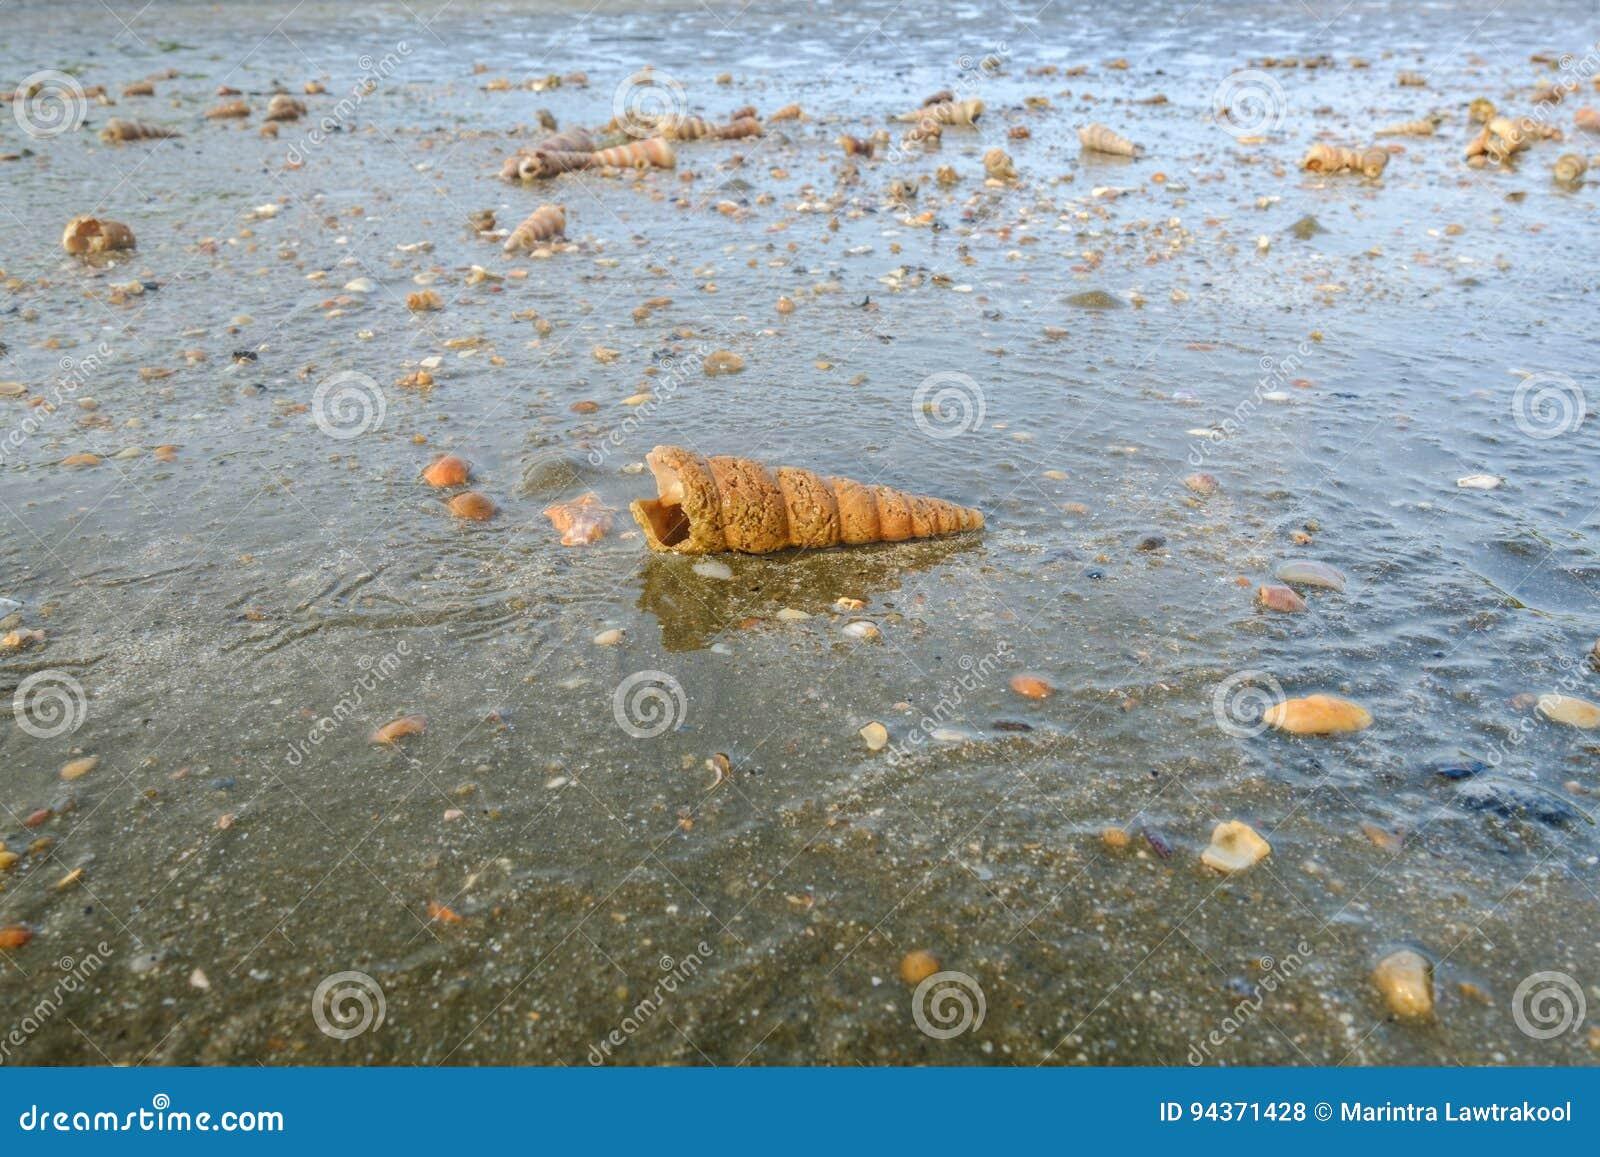 Cáscaras que aparecen después de caer el mar